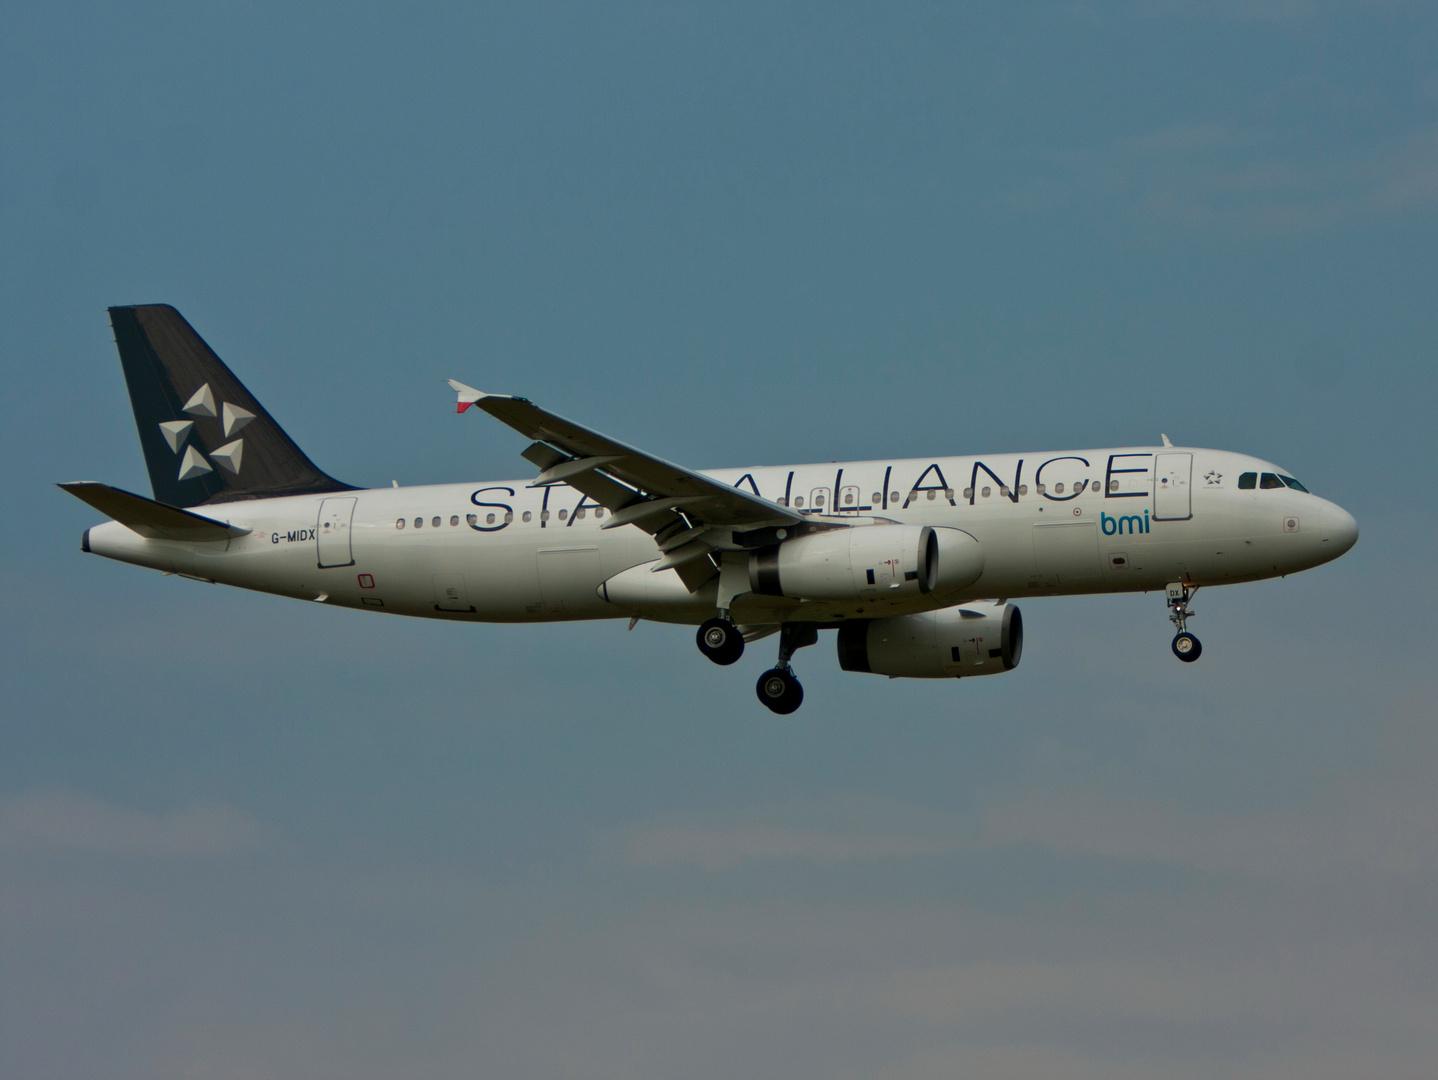 British Midland Star Alliance A320-232